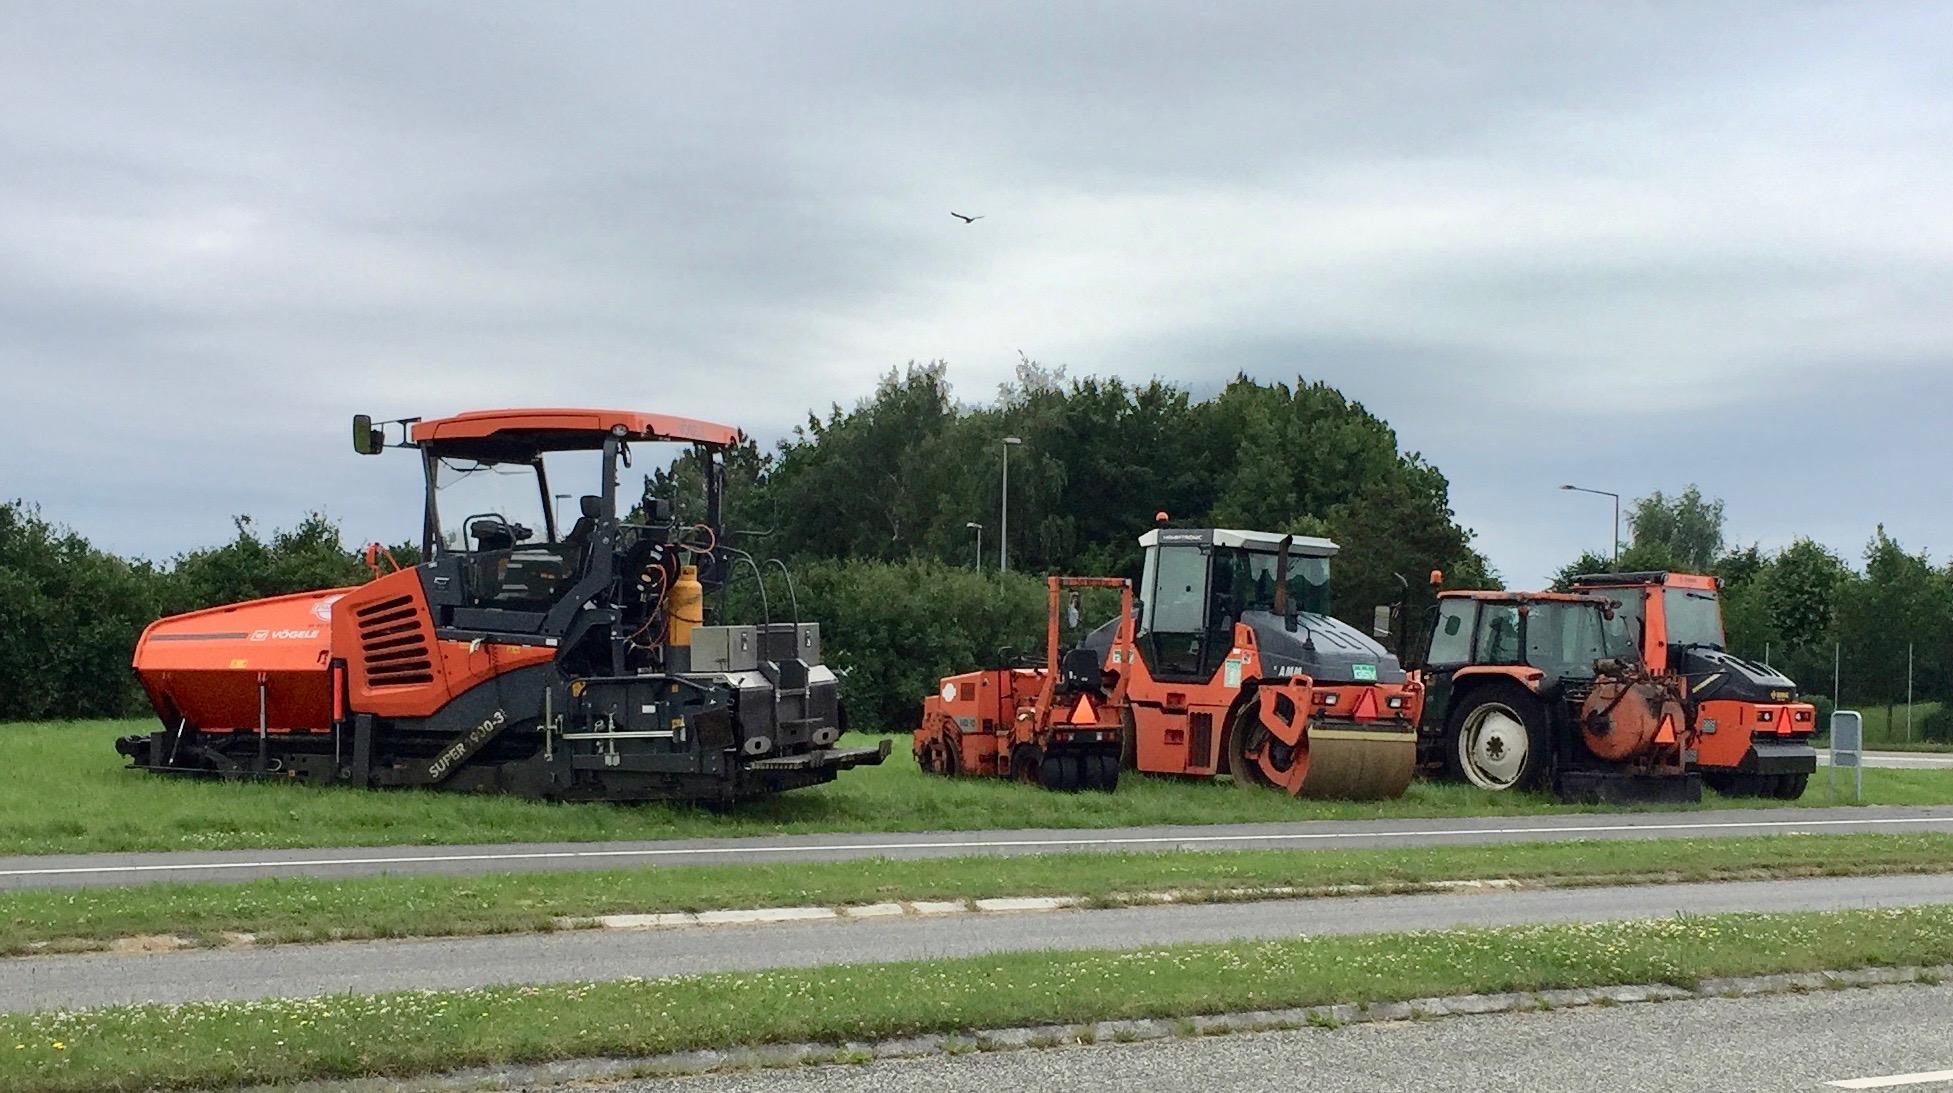 Så er man færdig med asfalteringen på Kongevejen, og maskinparken venter blot på at blive kørt hjem. Foto: AOB